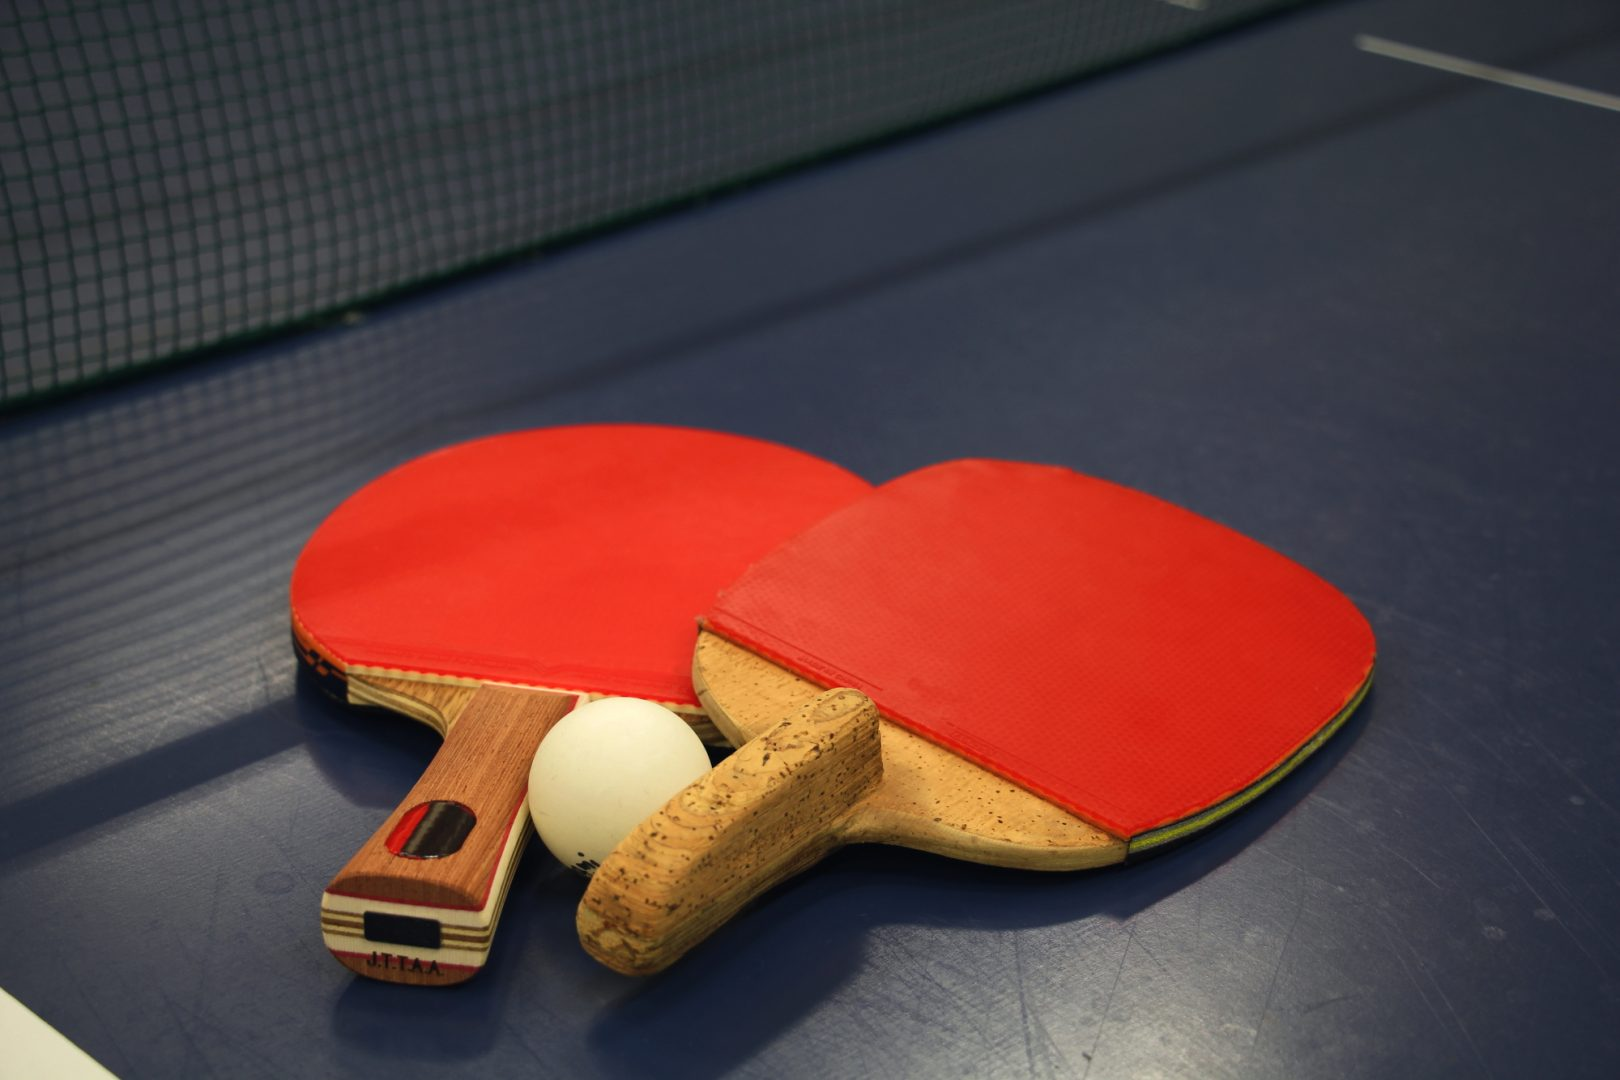 卓球ラケットの正しい持ち方・グリップとは?誰も教えてくれない自分に合う持ち方を見つけよう